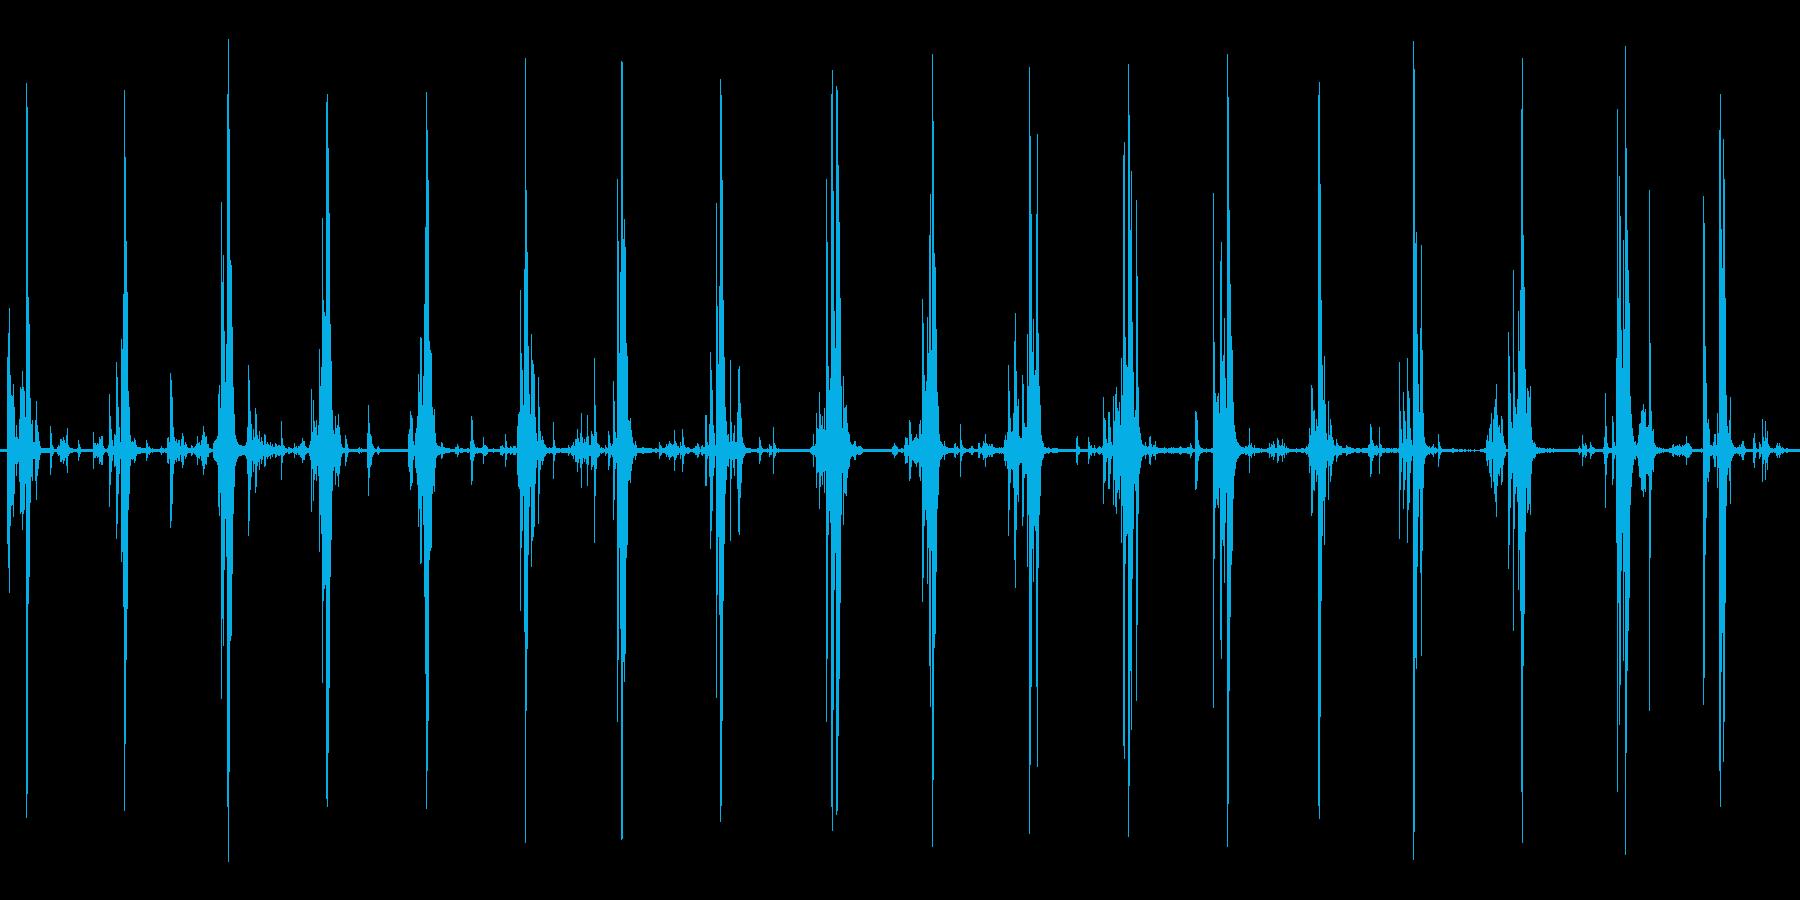 鎧 ロボット 足音の再生済みの波形